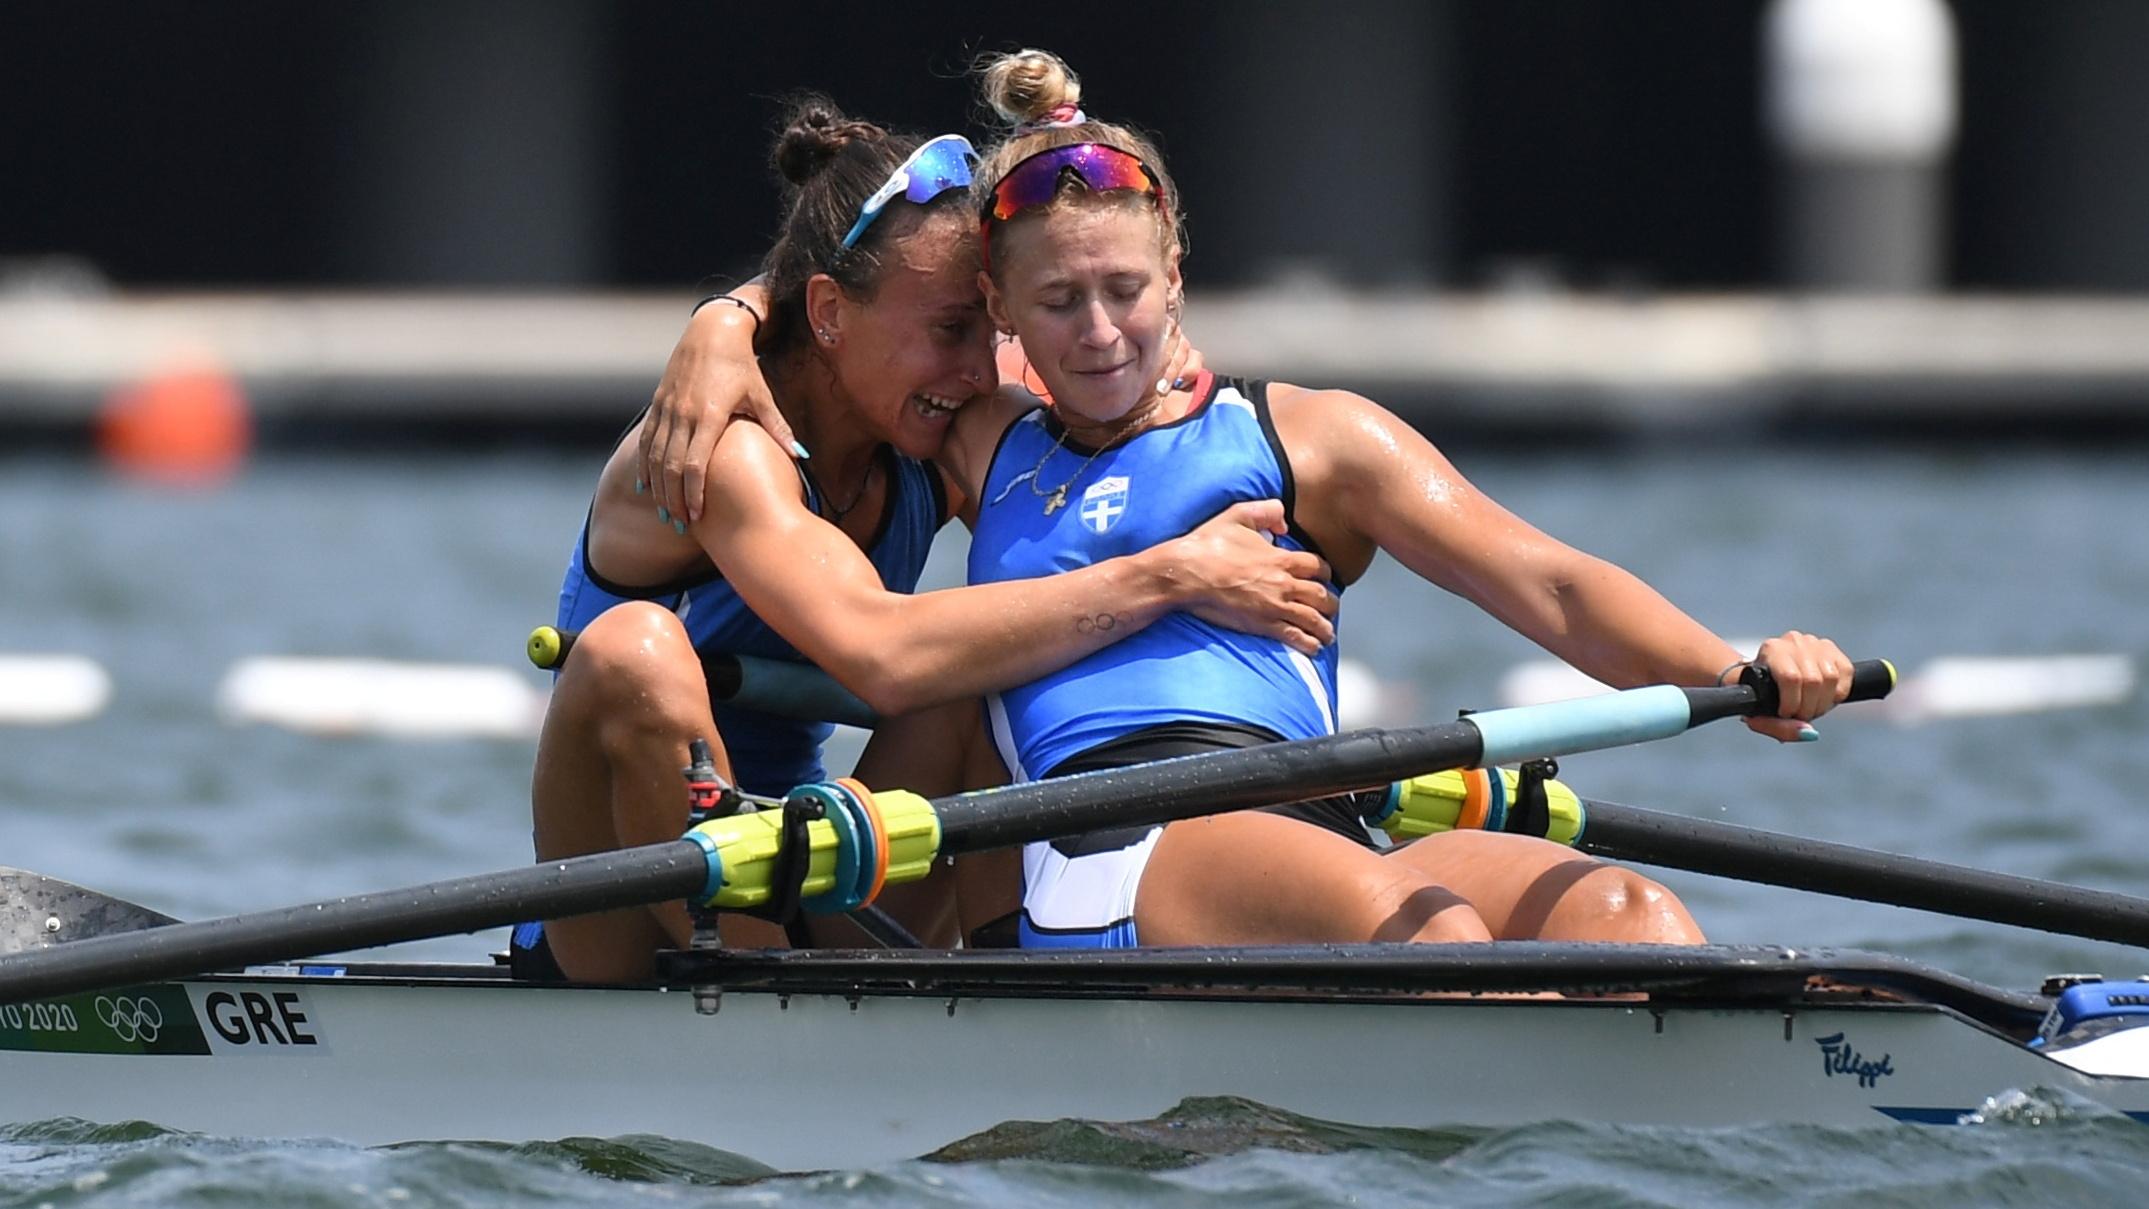 Ολυμπιακοί Αγώνες, Μαρία Κυρίδου – Χριστίνα Μπούρμπου: «Ακόμη δεν μπορούμε να το συνειδητοποιήσουμε»